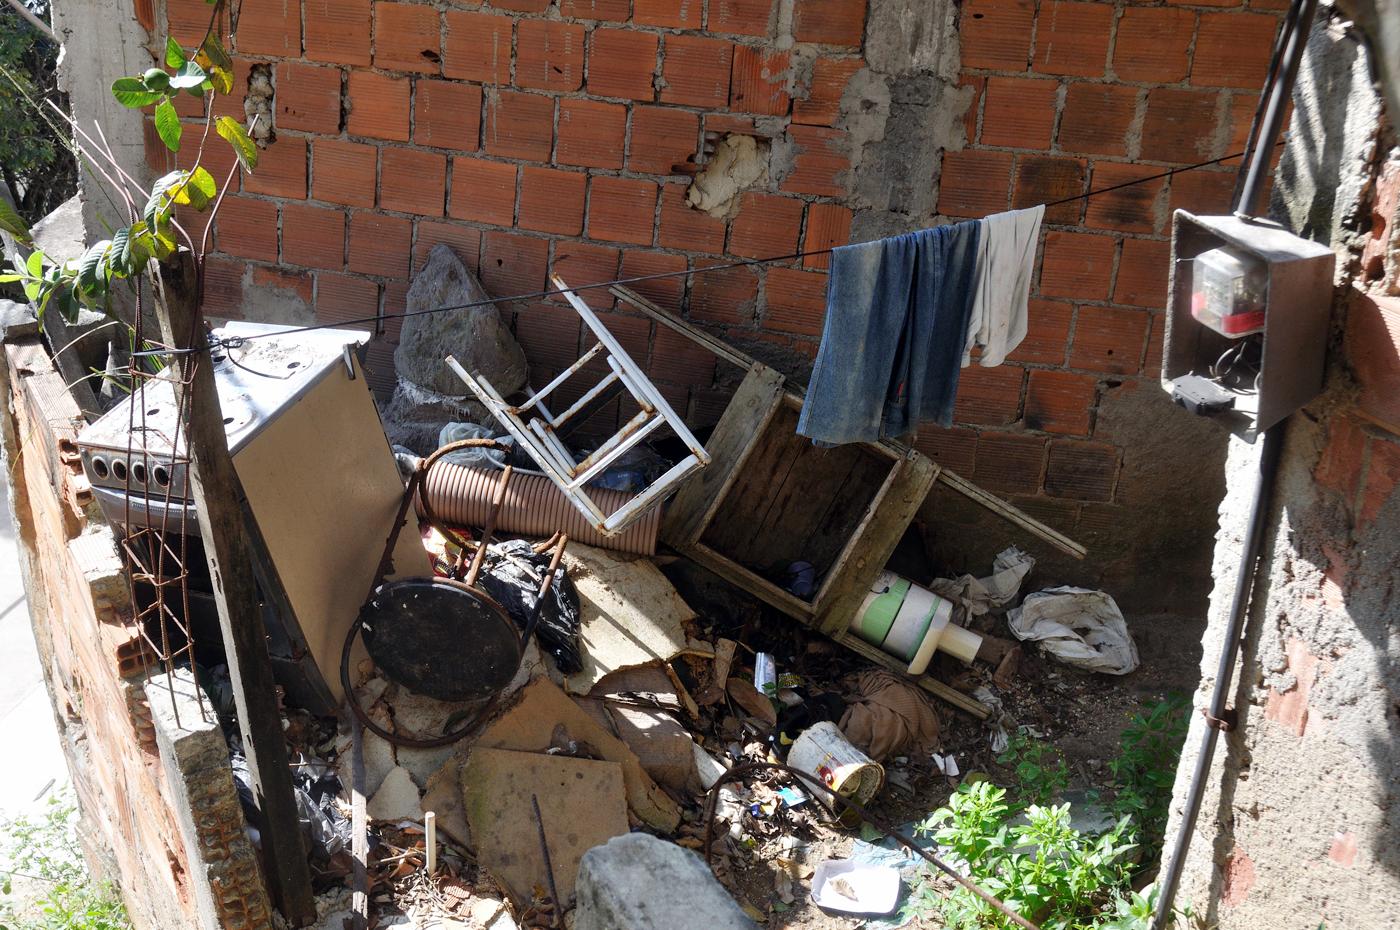 """Die oft nur über kleine Treppen nerreichbaren Häuscer und Hütten sind für die Müllabfuhr kaum zu erreichen. So hat mancher seine """"private Müllhalde"""" im Hinterhof. (Bild: Andreas Lerg)"""